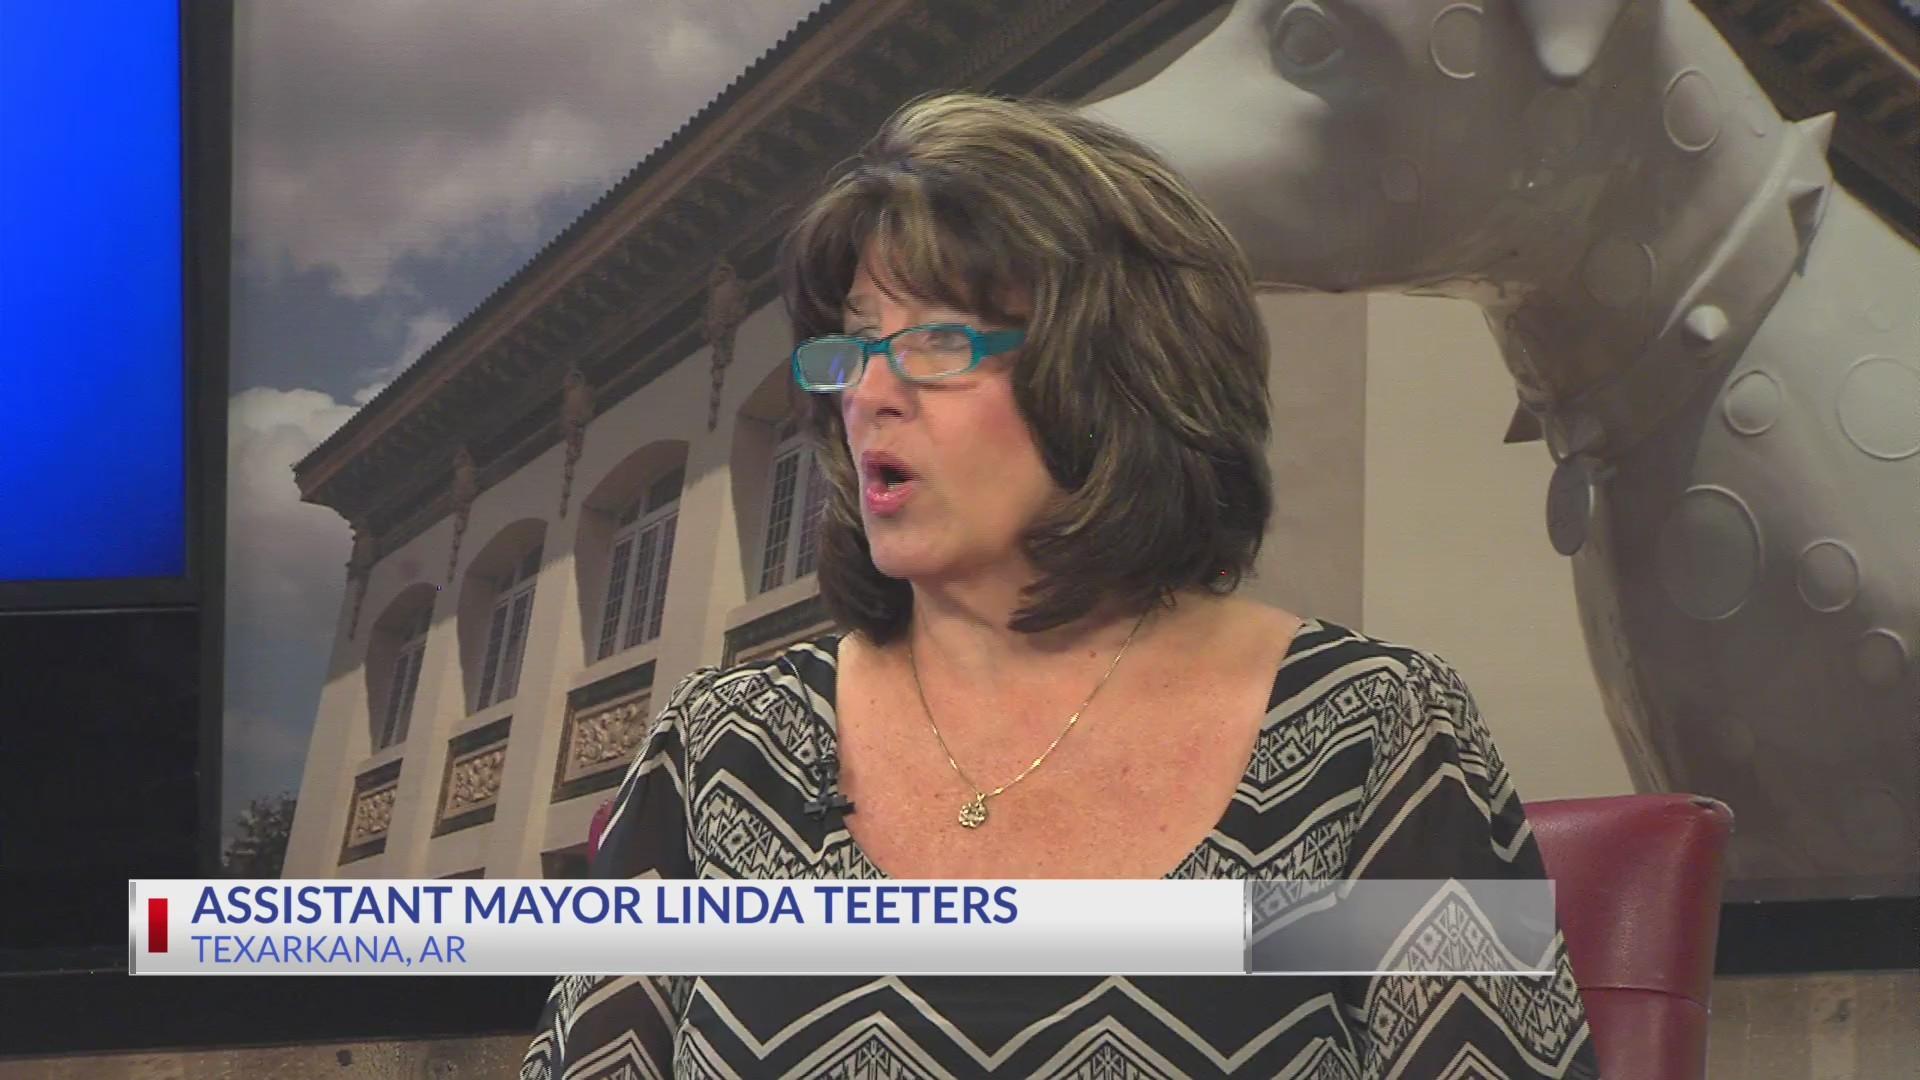 Coffee with the Mayor: Texarkana, Ar Assistant Mayor Linda Teeters